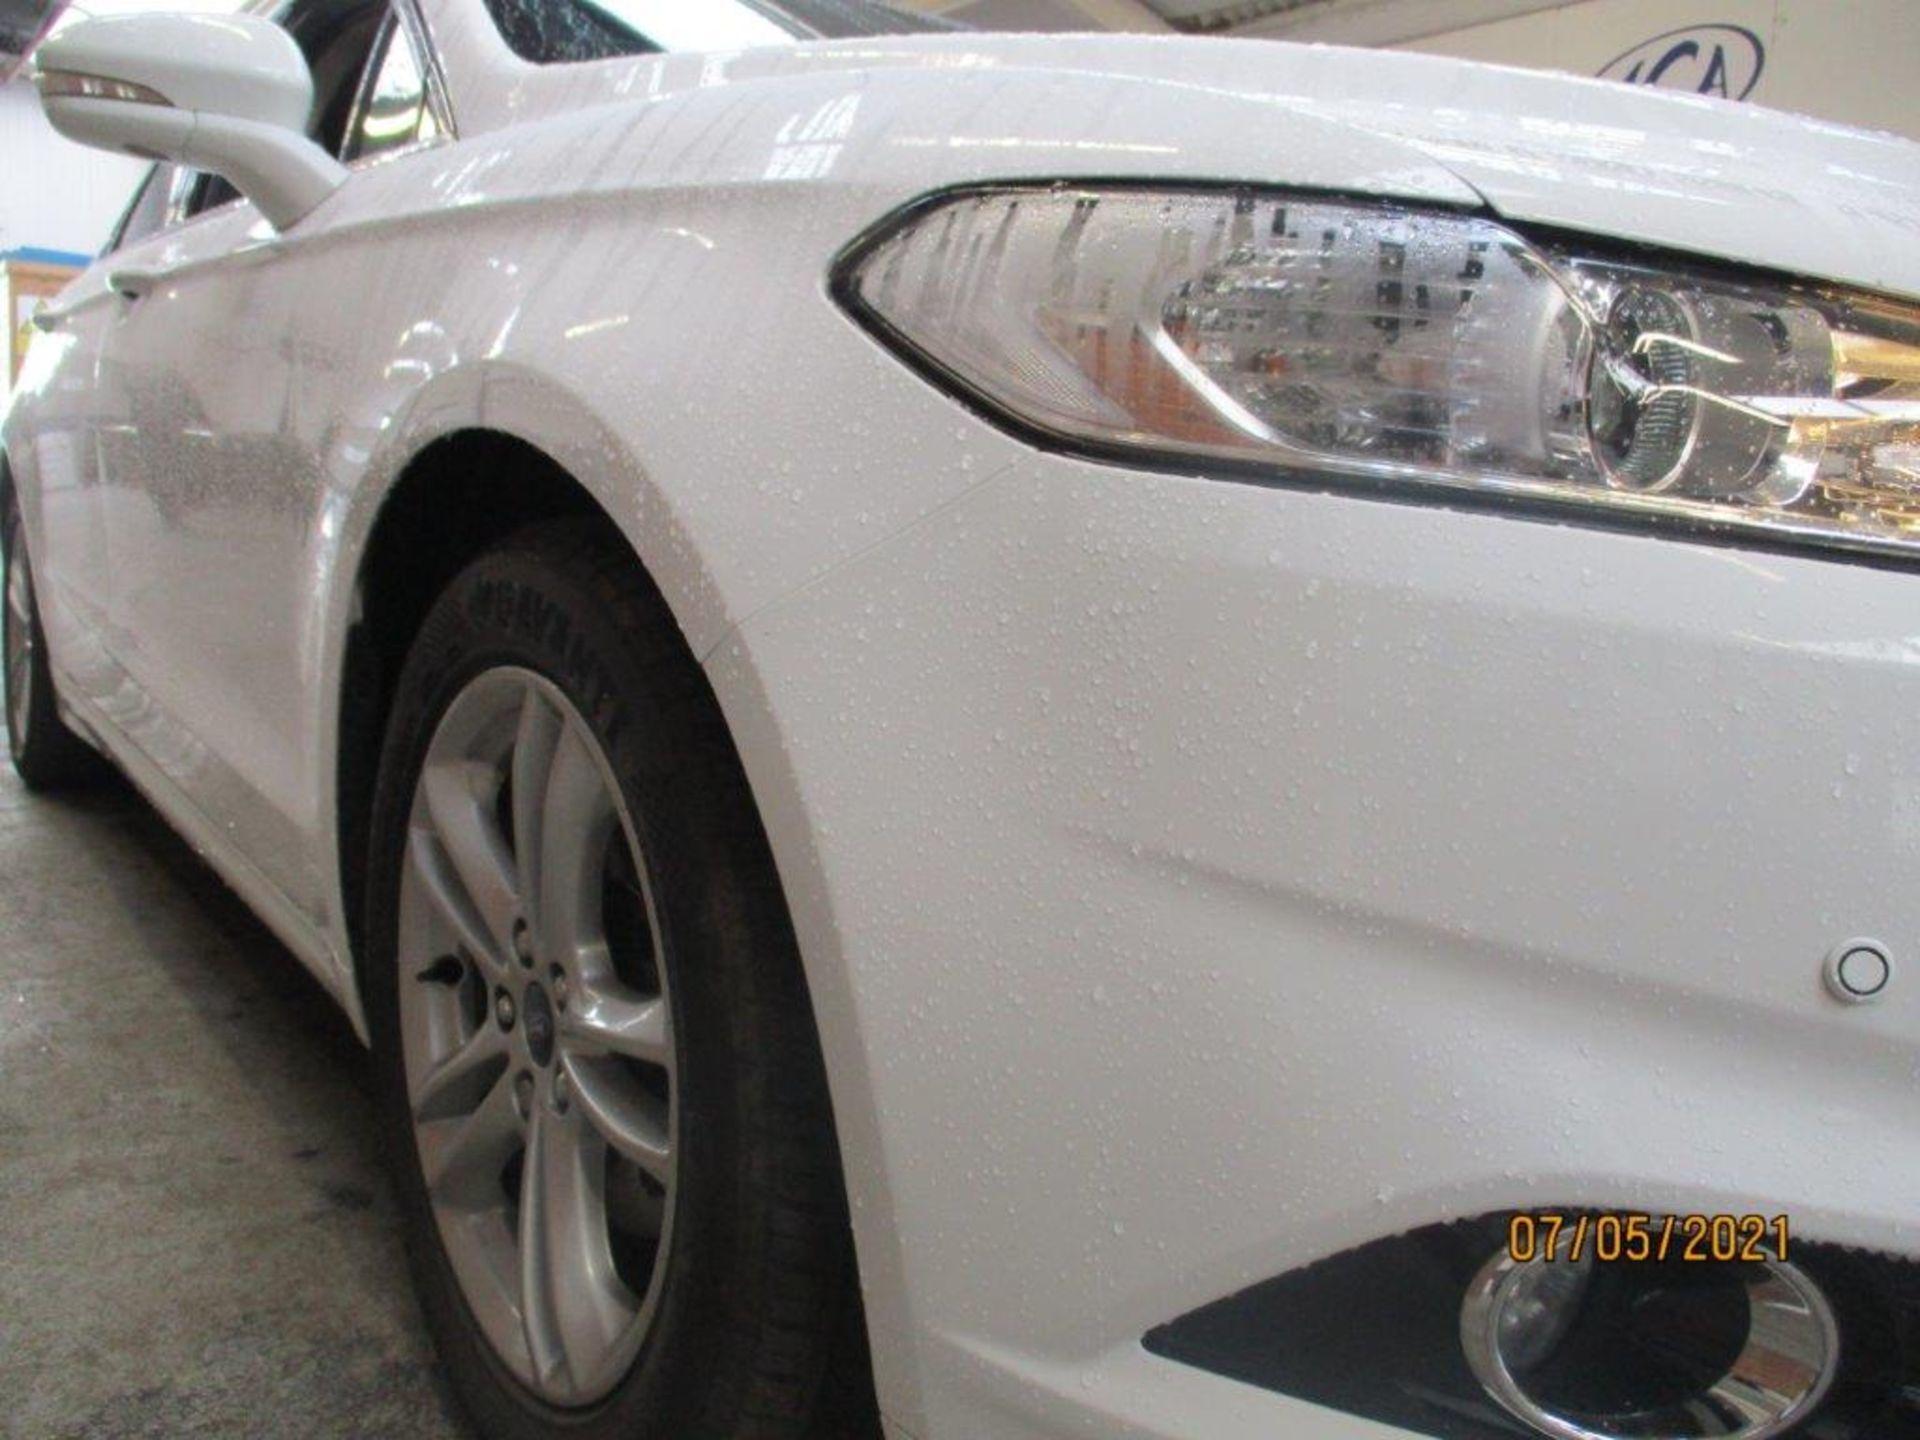 15 15 Ford Mondeo Titanium TDCI - Image 17 of 22